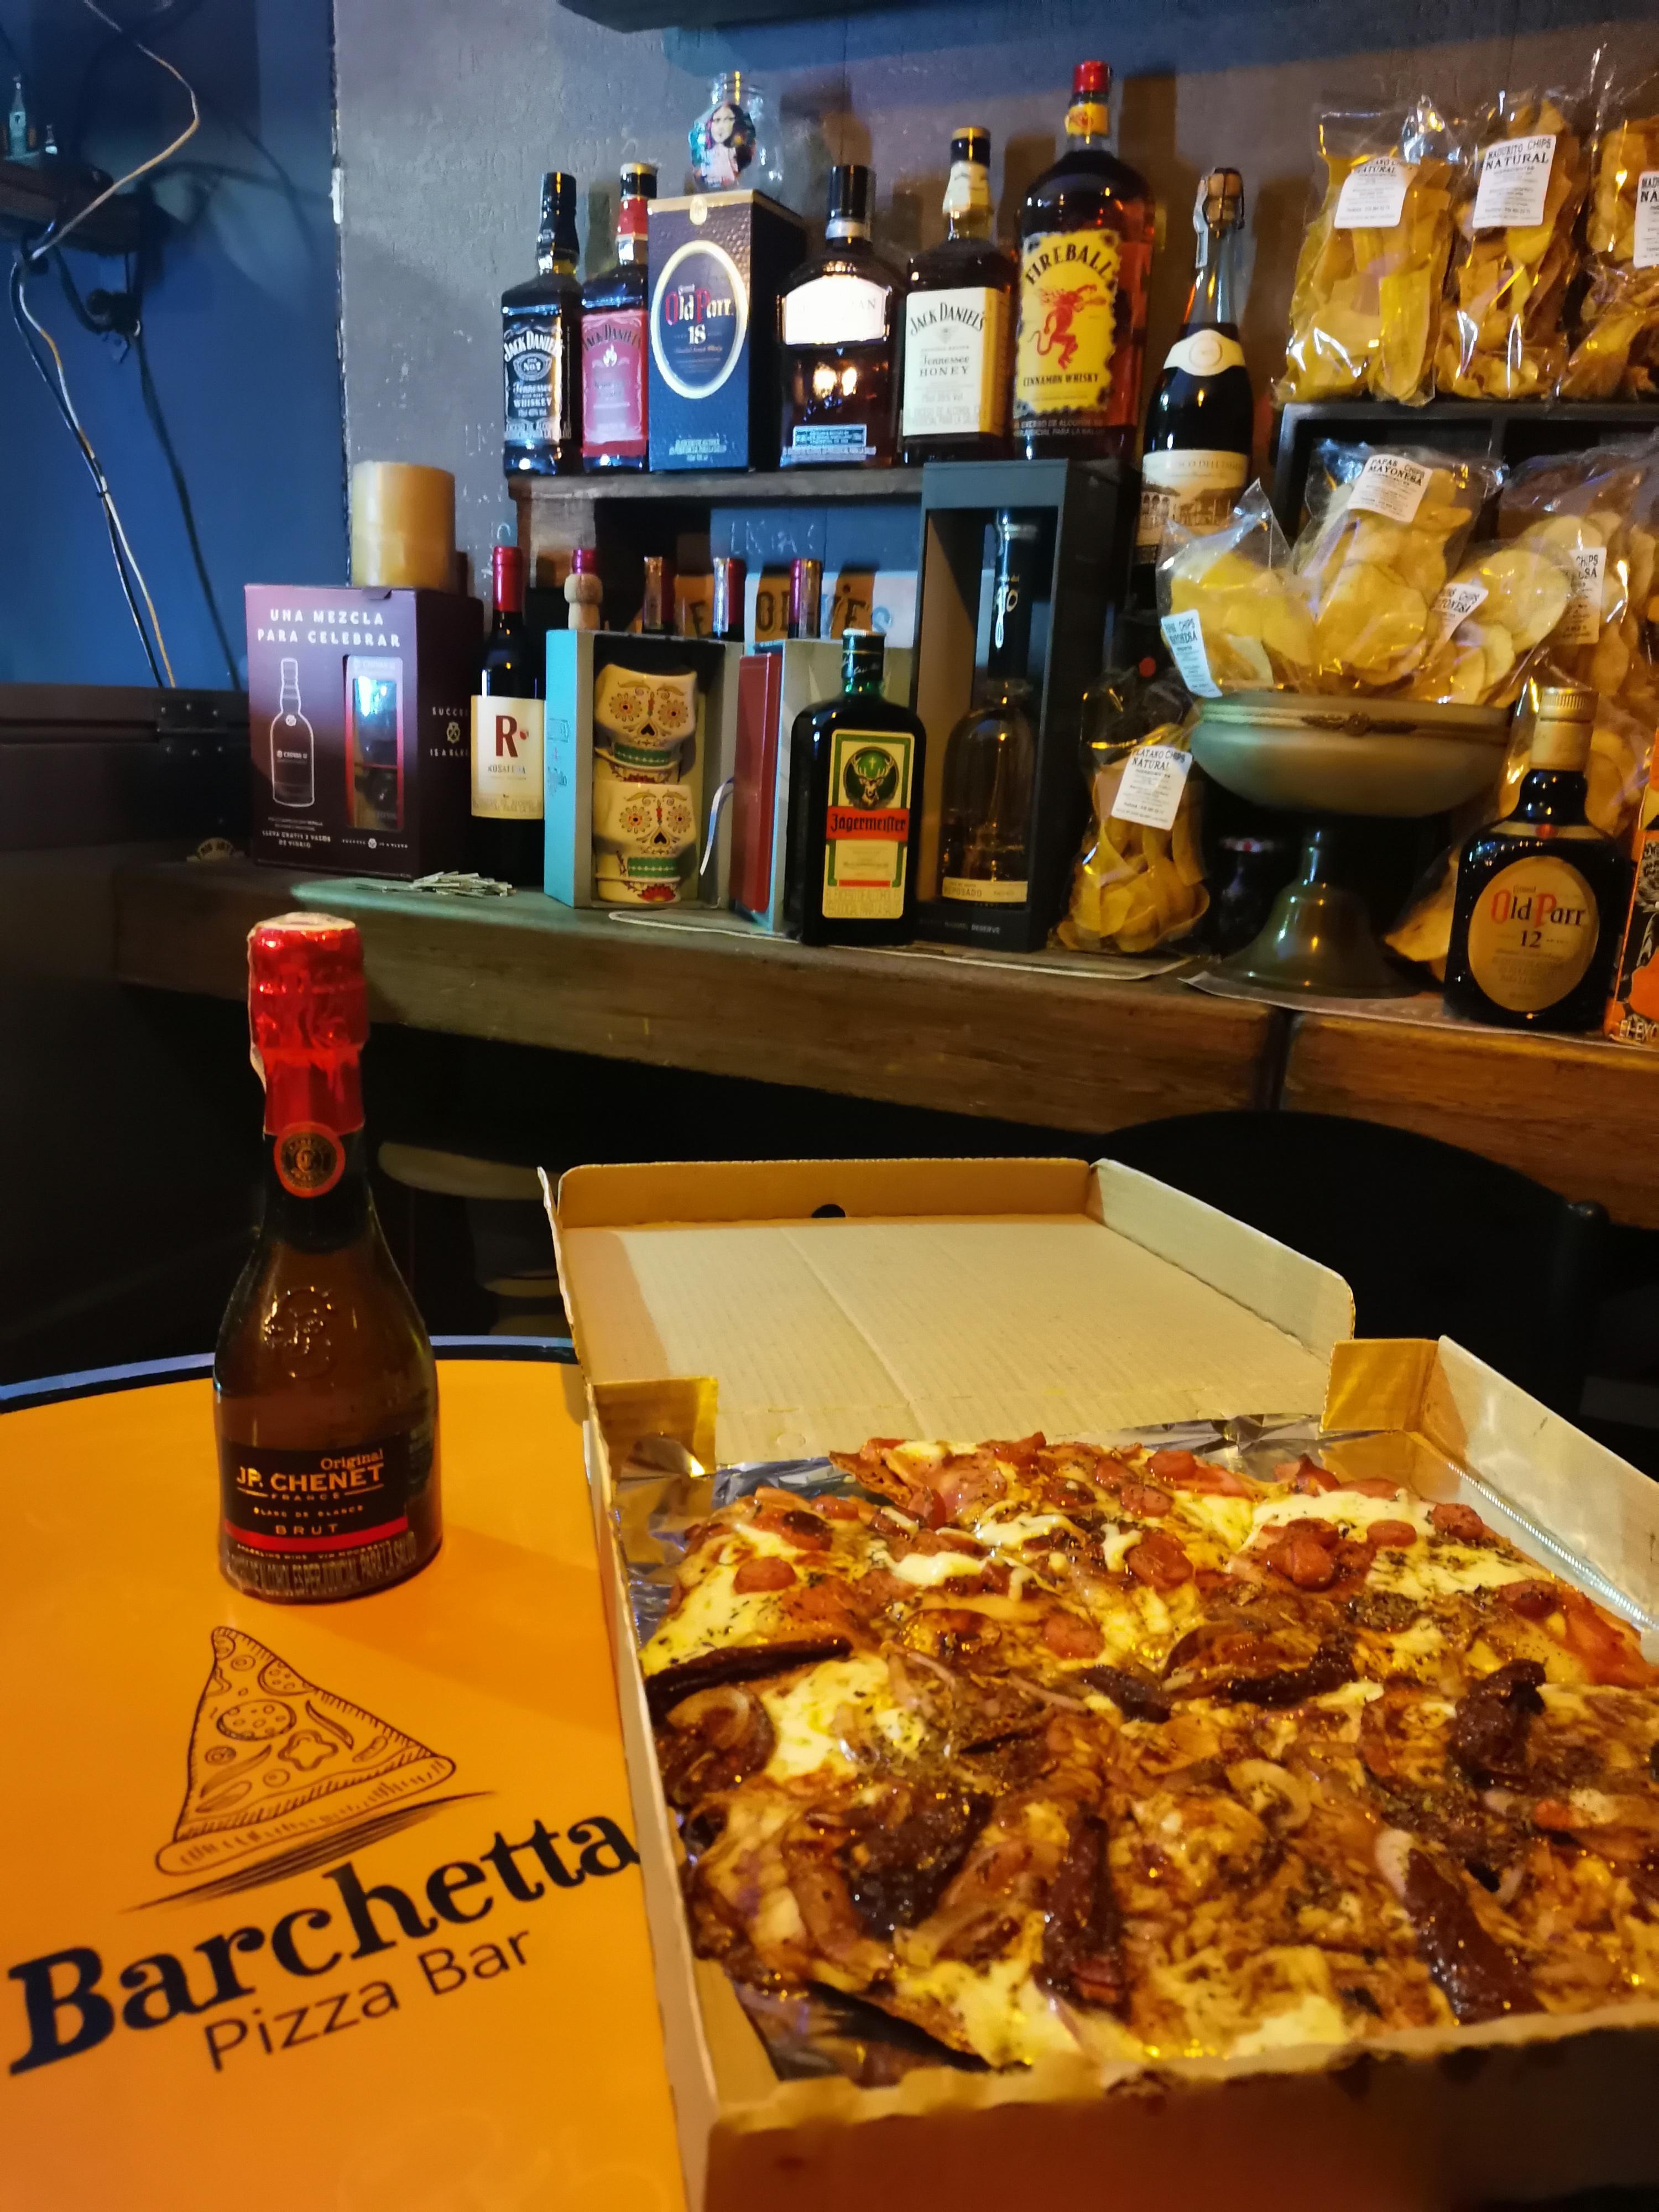 Barchetta pizza bar